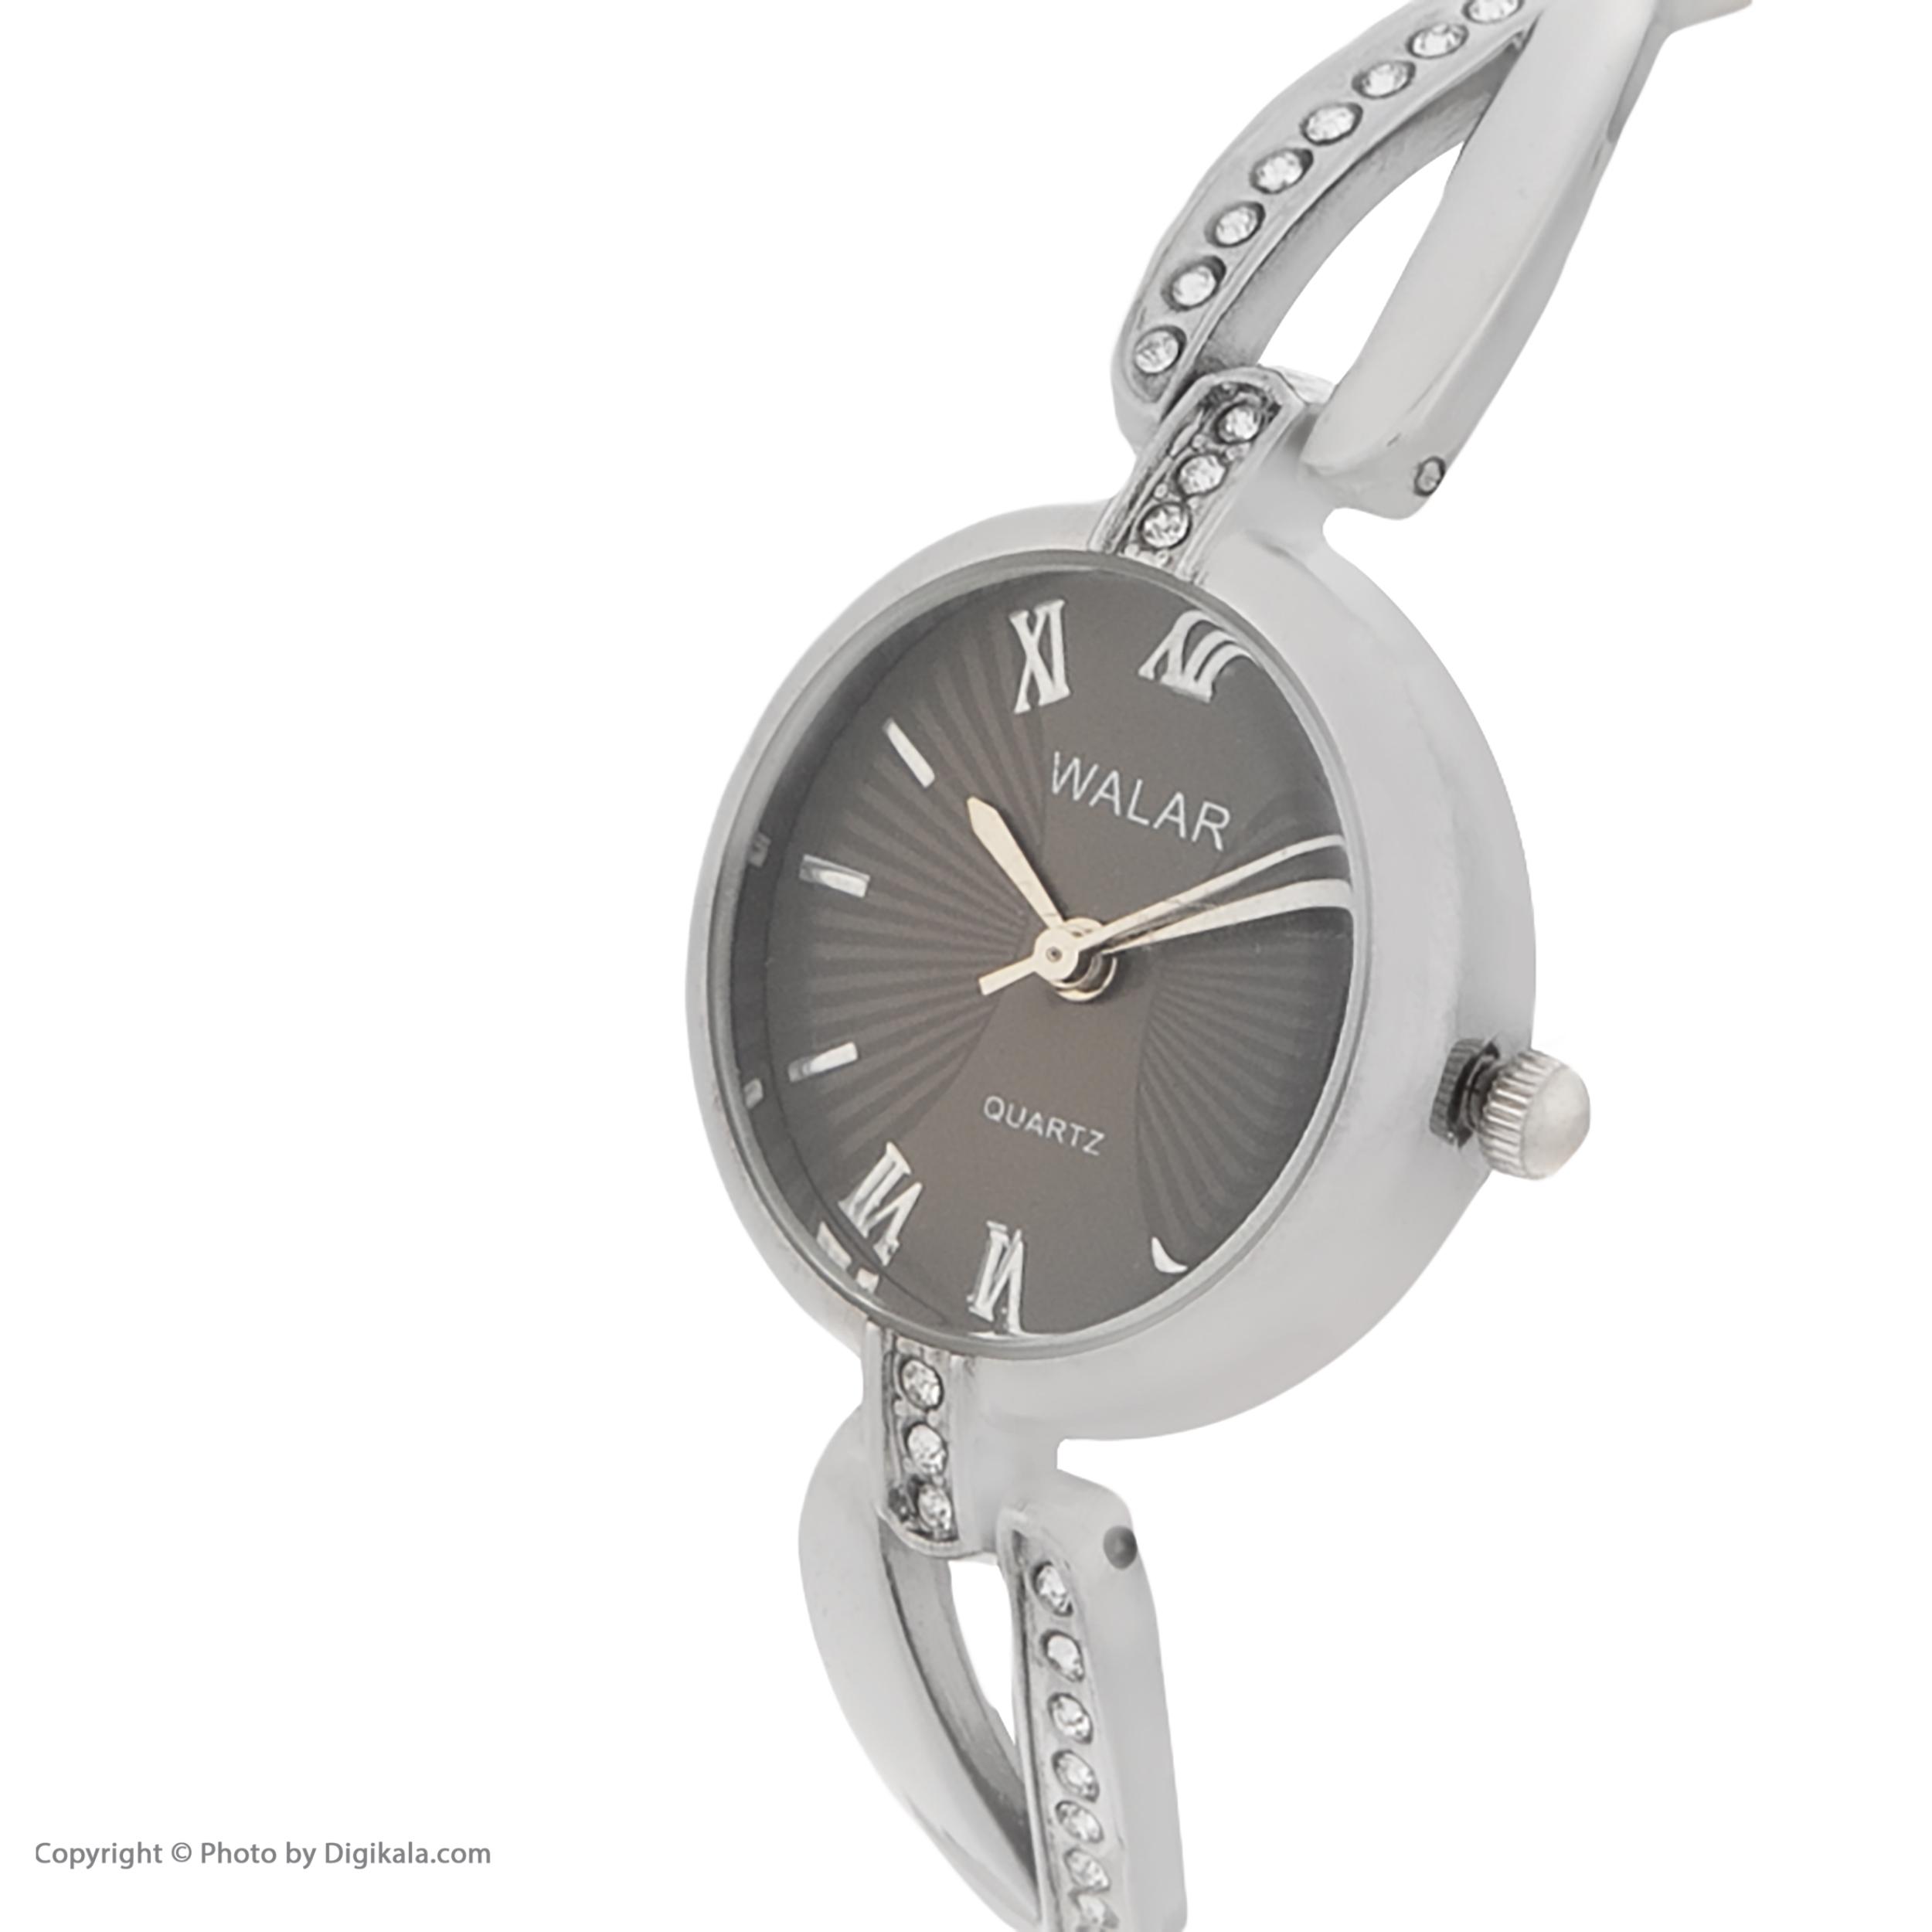 ساعت مچی عقربه ای زنانه والار مدل X84